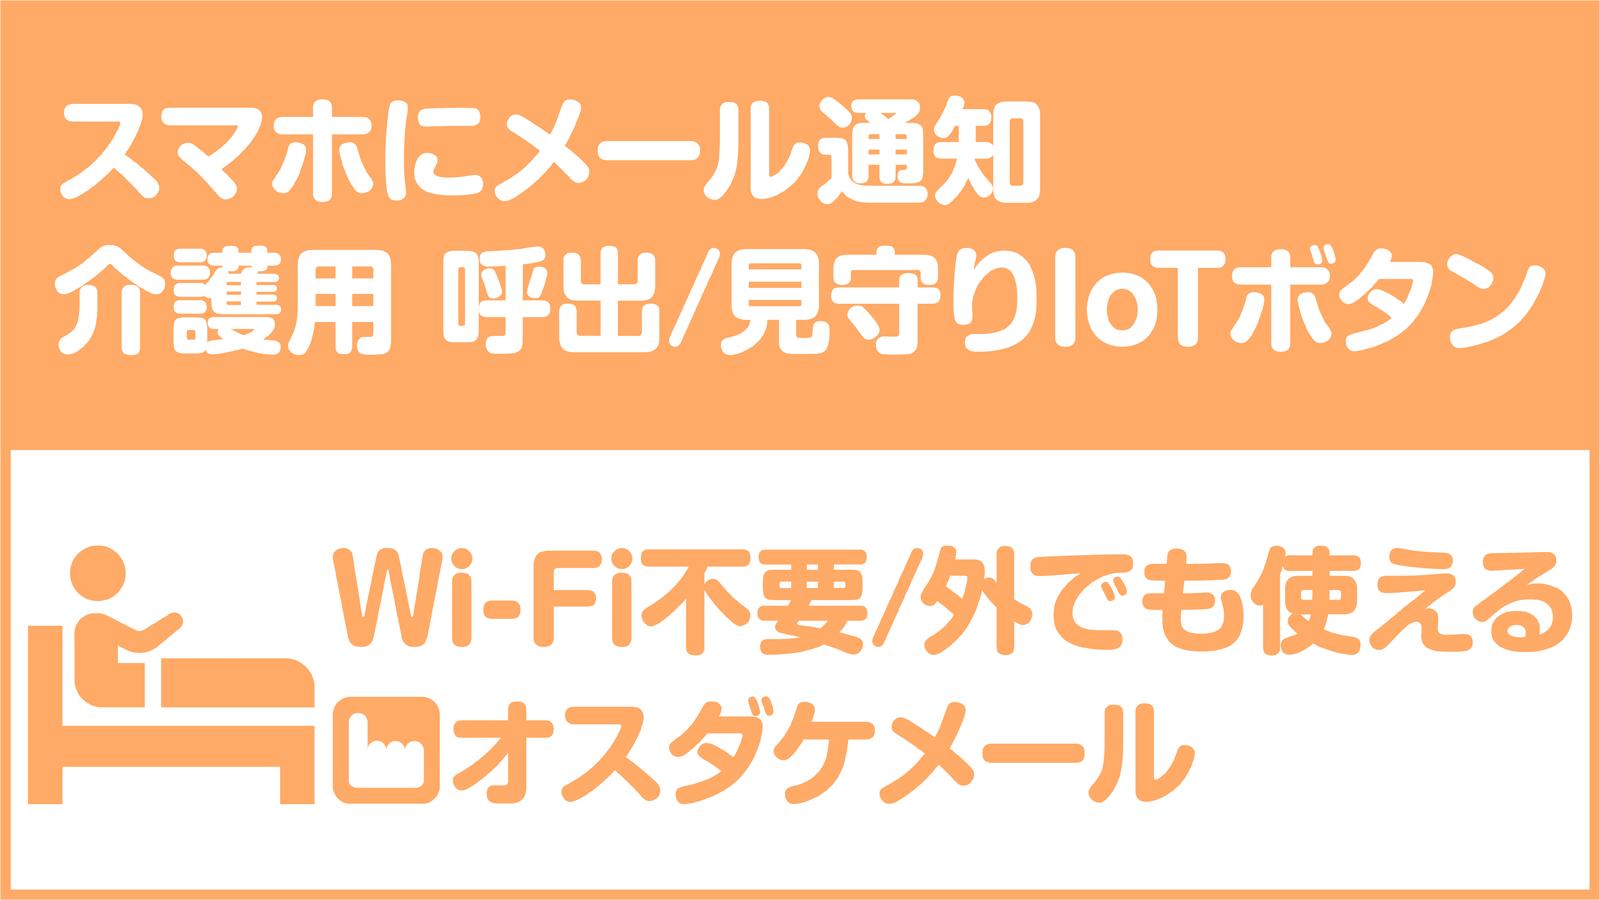 スマホにメール通知 介護用 呼出/見守りIoTボタン Wi-Fi不要/外でも使える